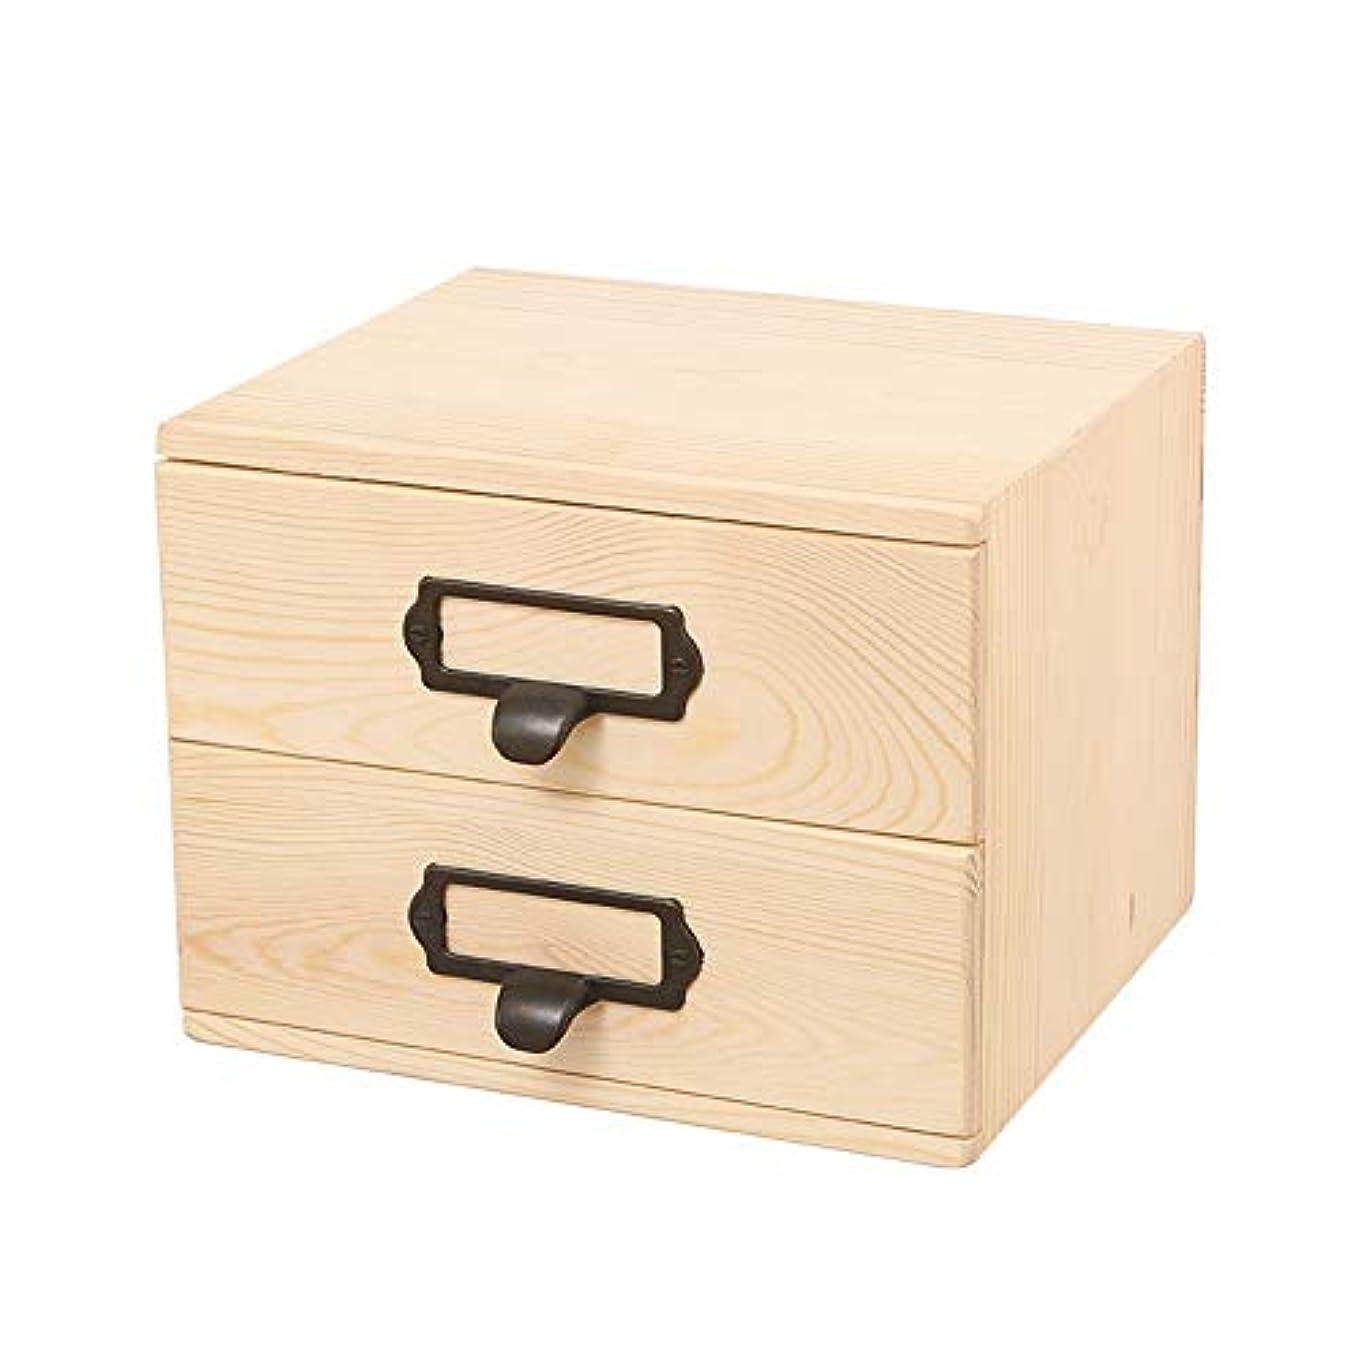 トチの実の木健全暴力的な2ティア木エッセンシャルオイルボックスオーガナイザーパーフェクトエッセンシャルオイルケース アロマセラピー製品 (色 : Natural, サイズ : 23.5X19.5X17.5CM)